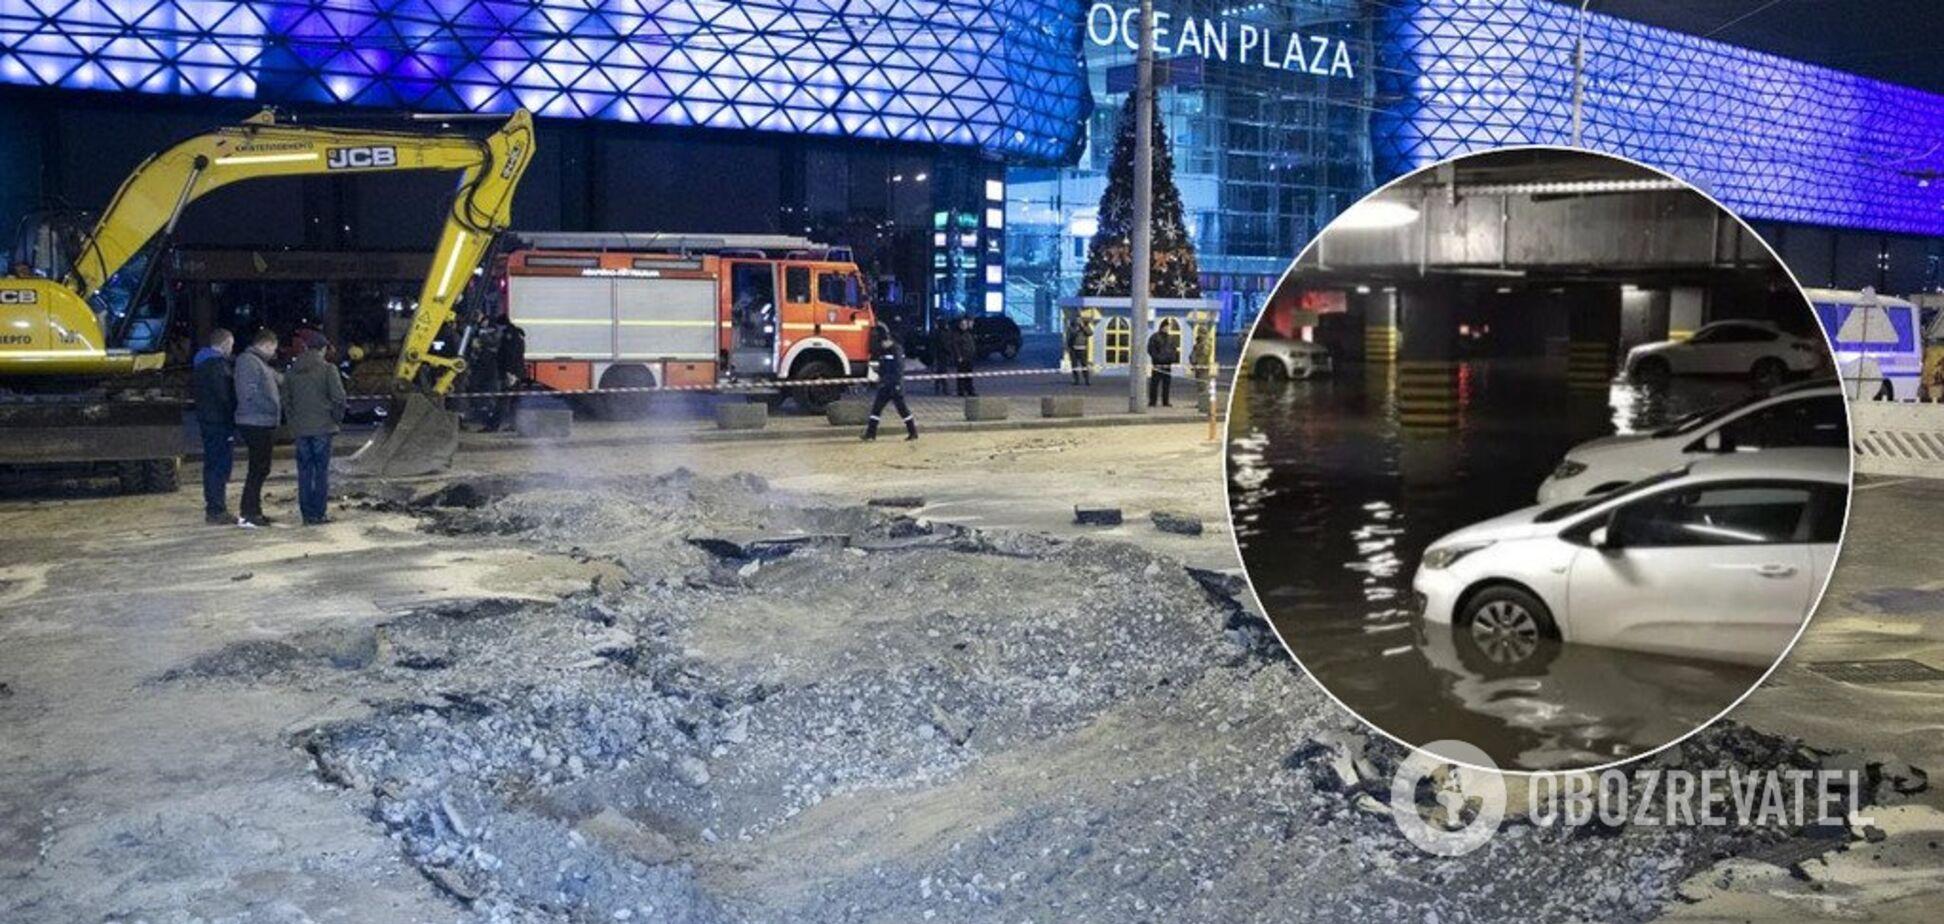 'С каждым будем разбираться!' Заместитель Кличко заявил о компенсации пострадавшим в Ocean Plaza